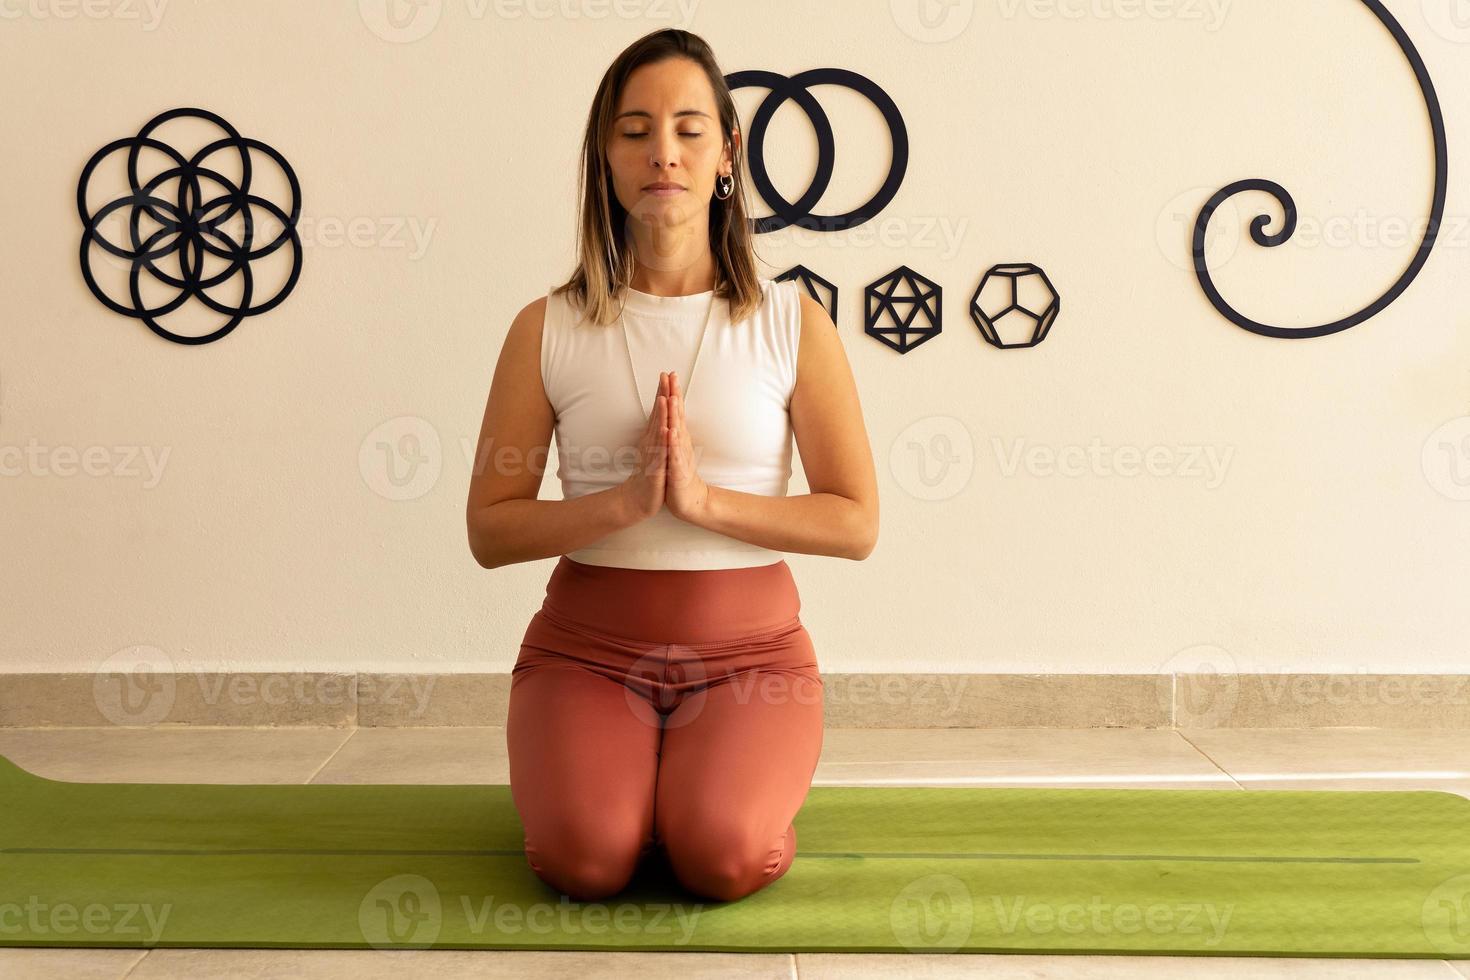 giovane donna che medita con le mani in posizione di preghiera foto